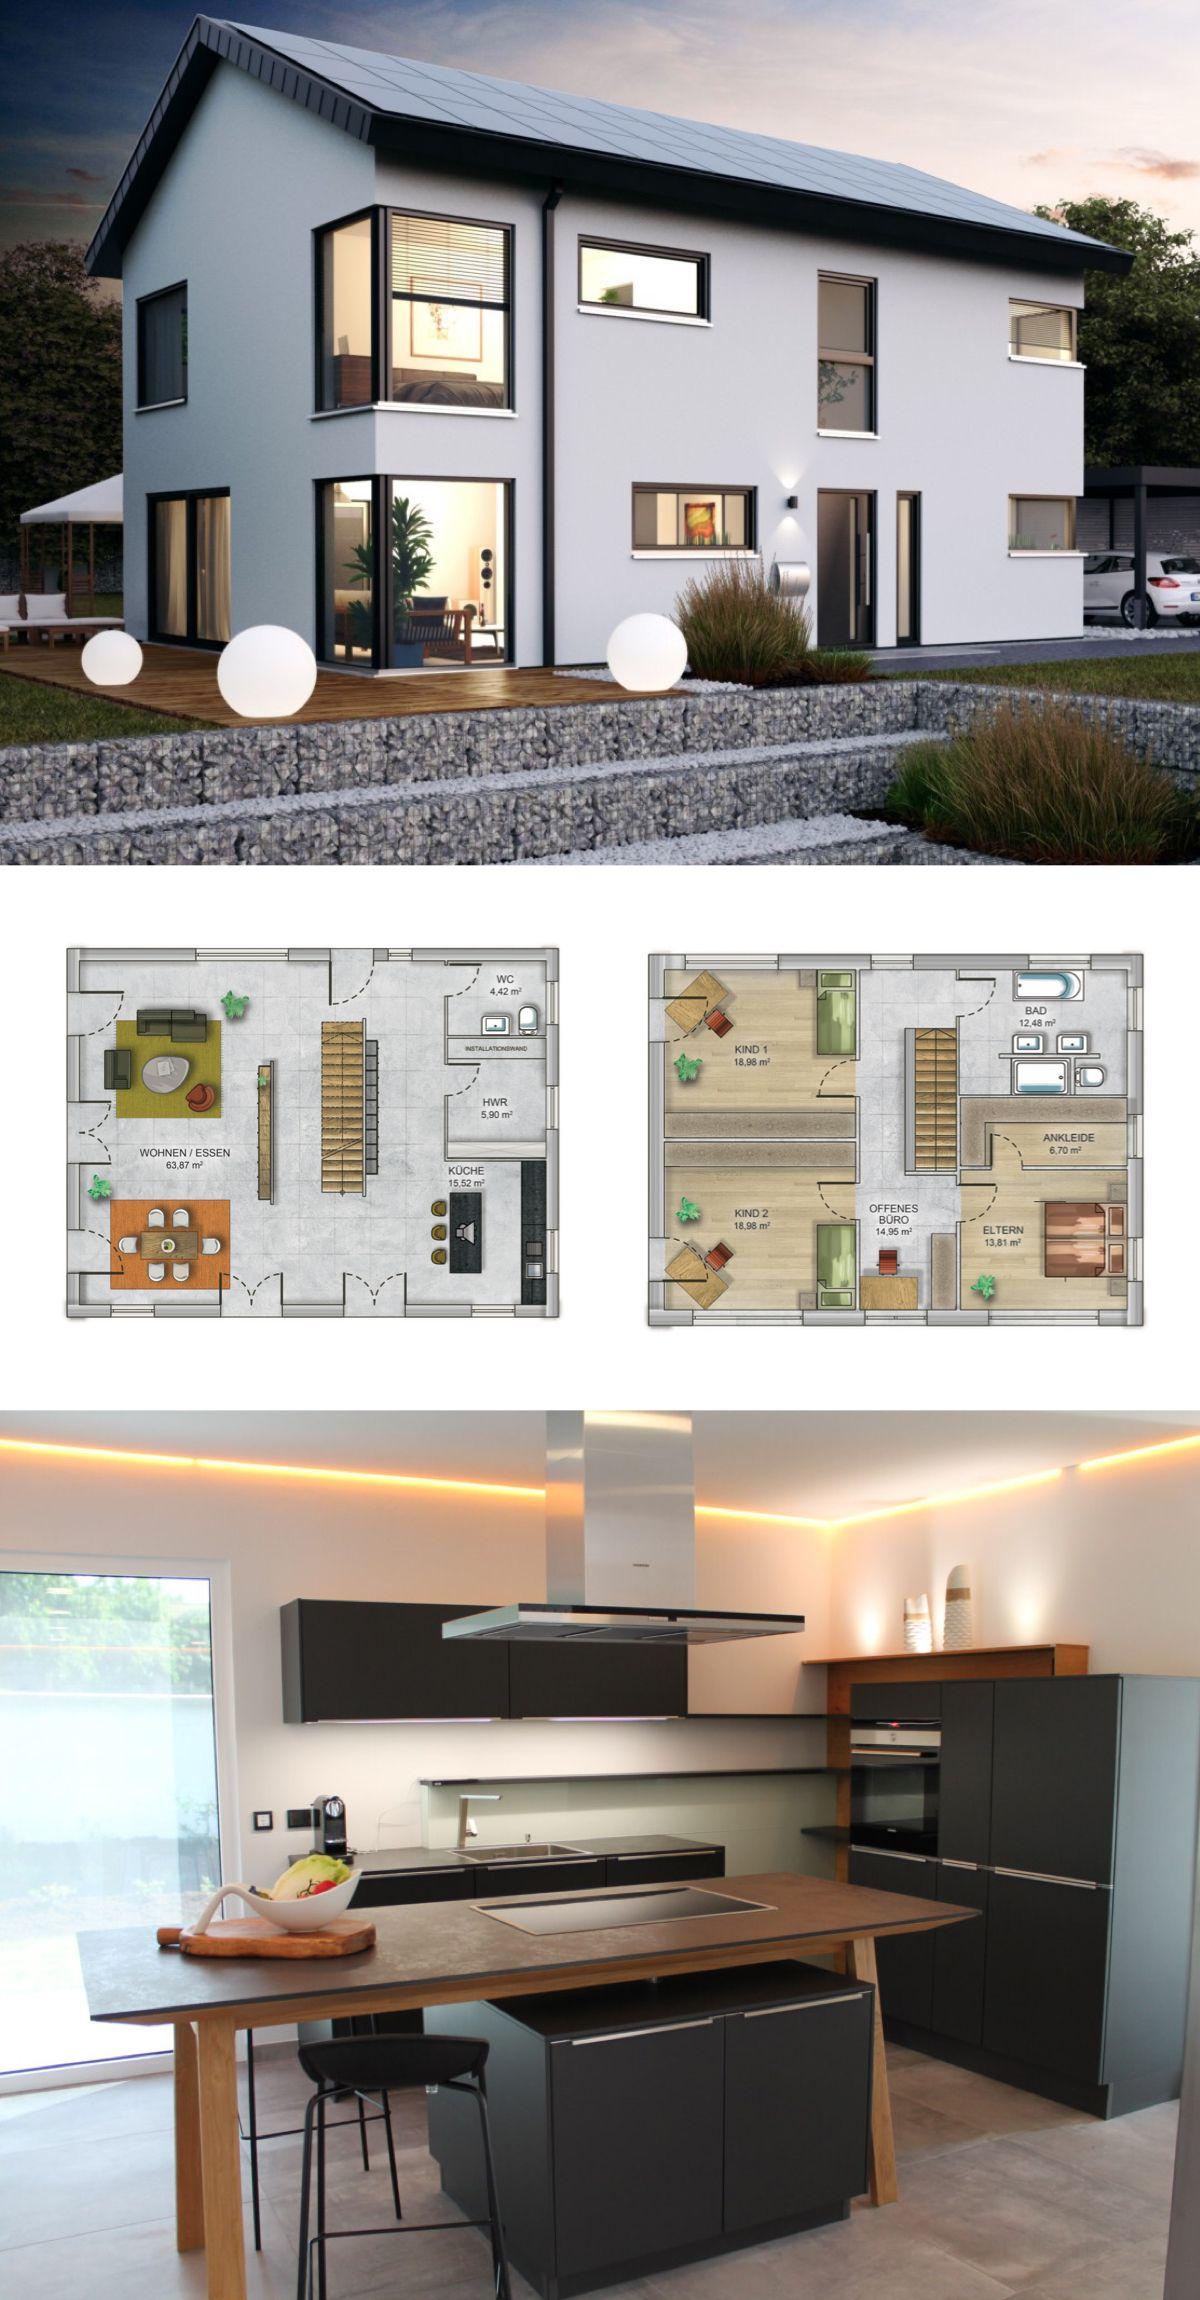 Modernes Design Haus mit Satteldach Architektur - Neubau modern als ...